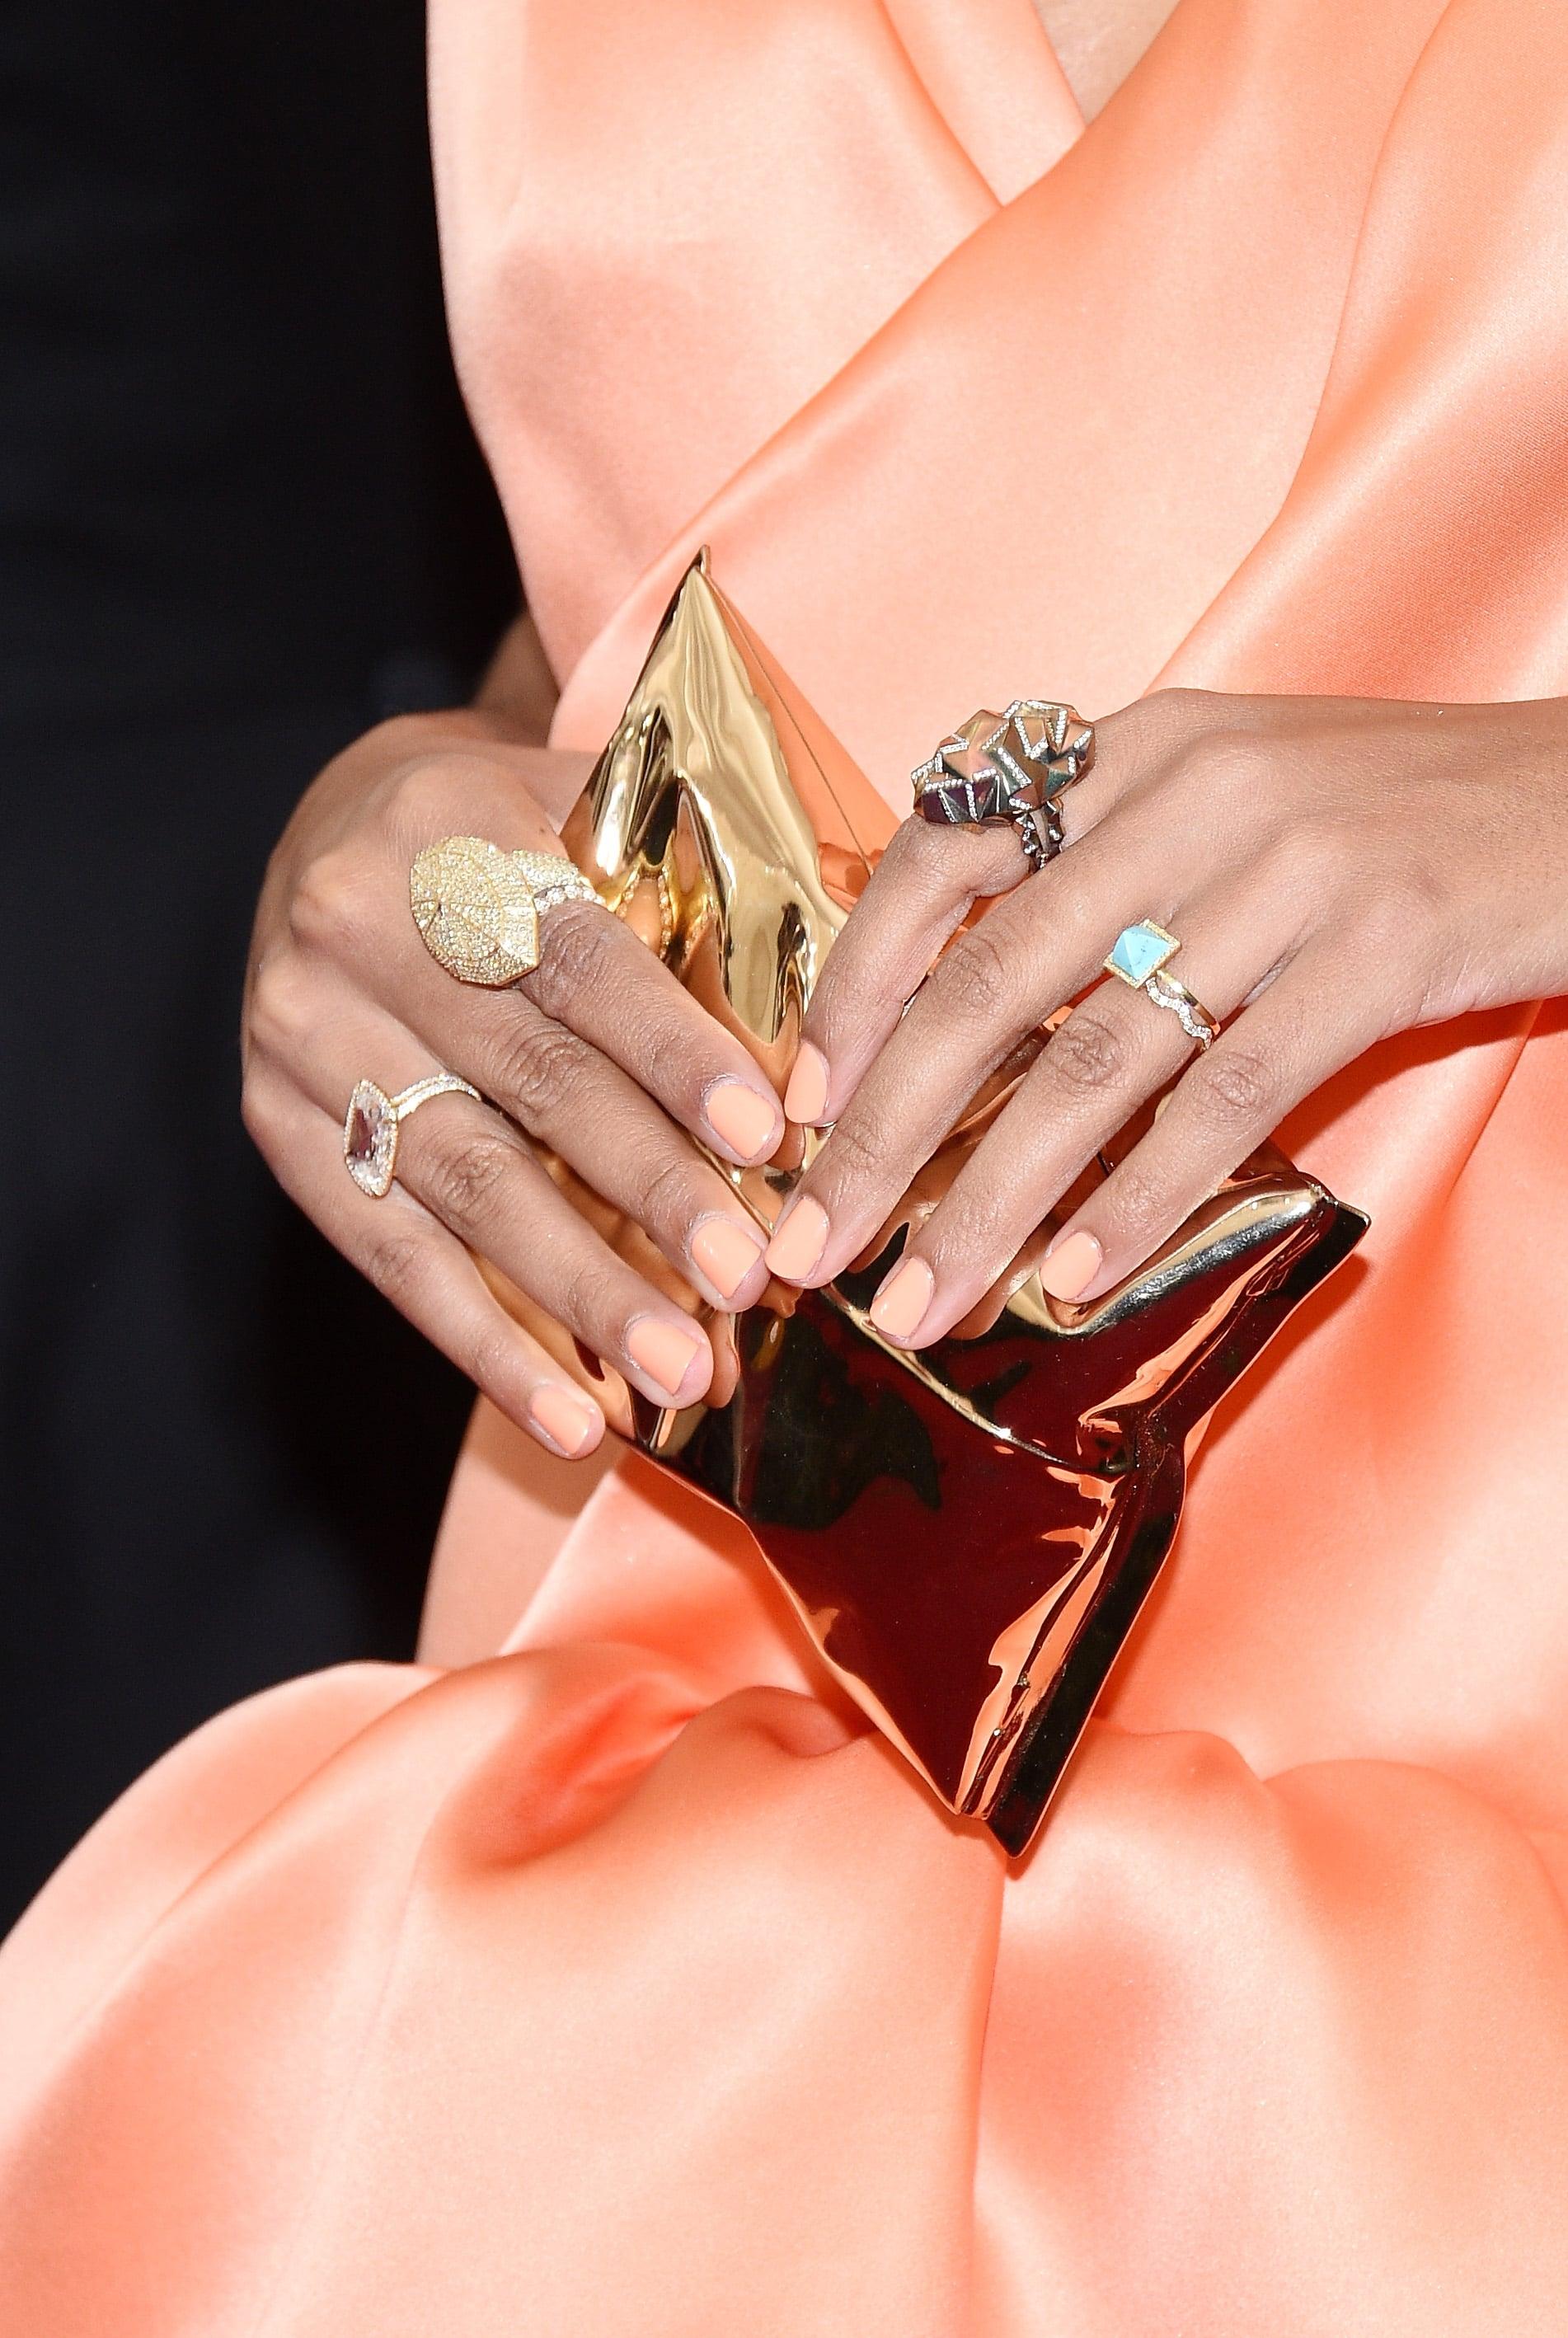 Solange's Nails